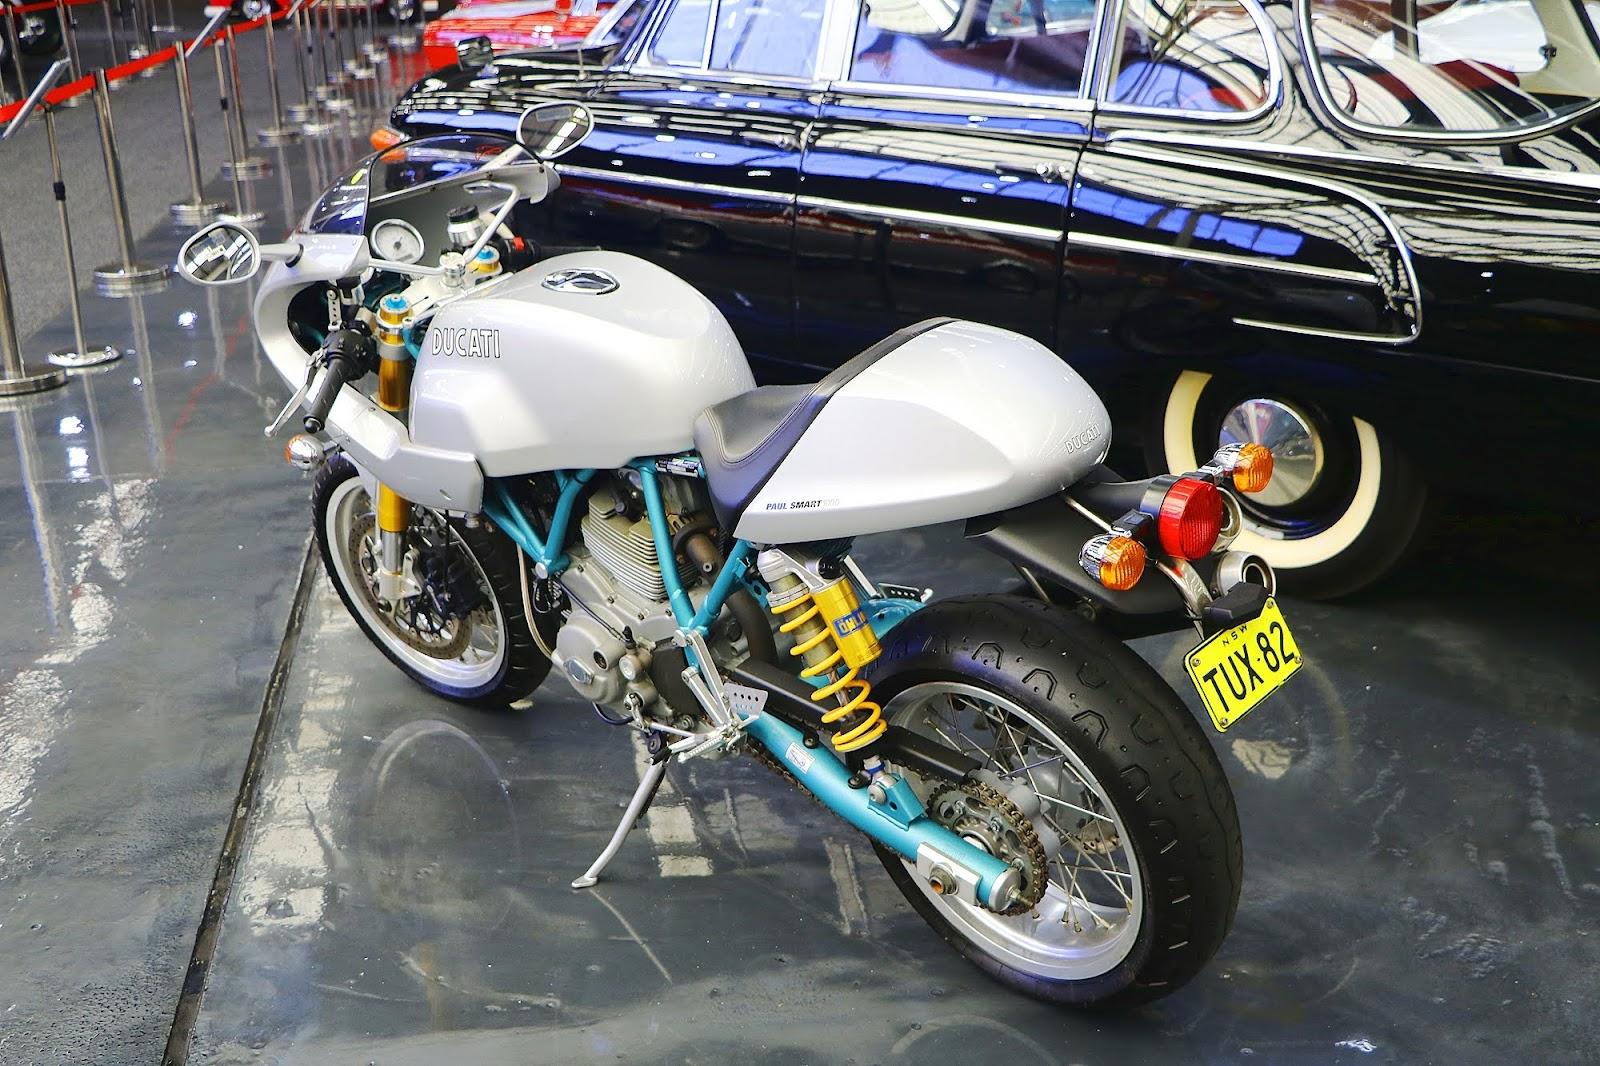 2006 Ducati Paul Smart 1000LE (01).jpg